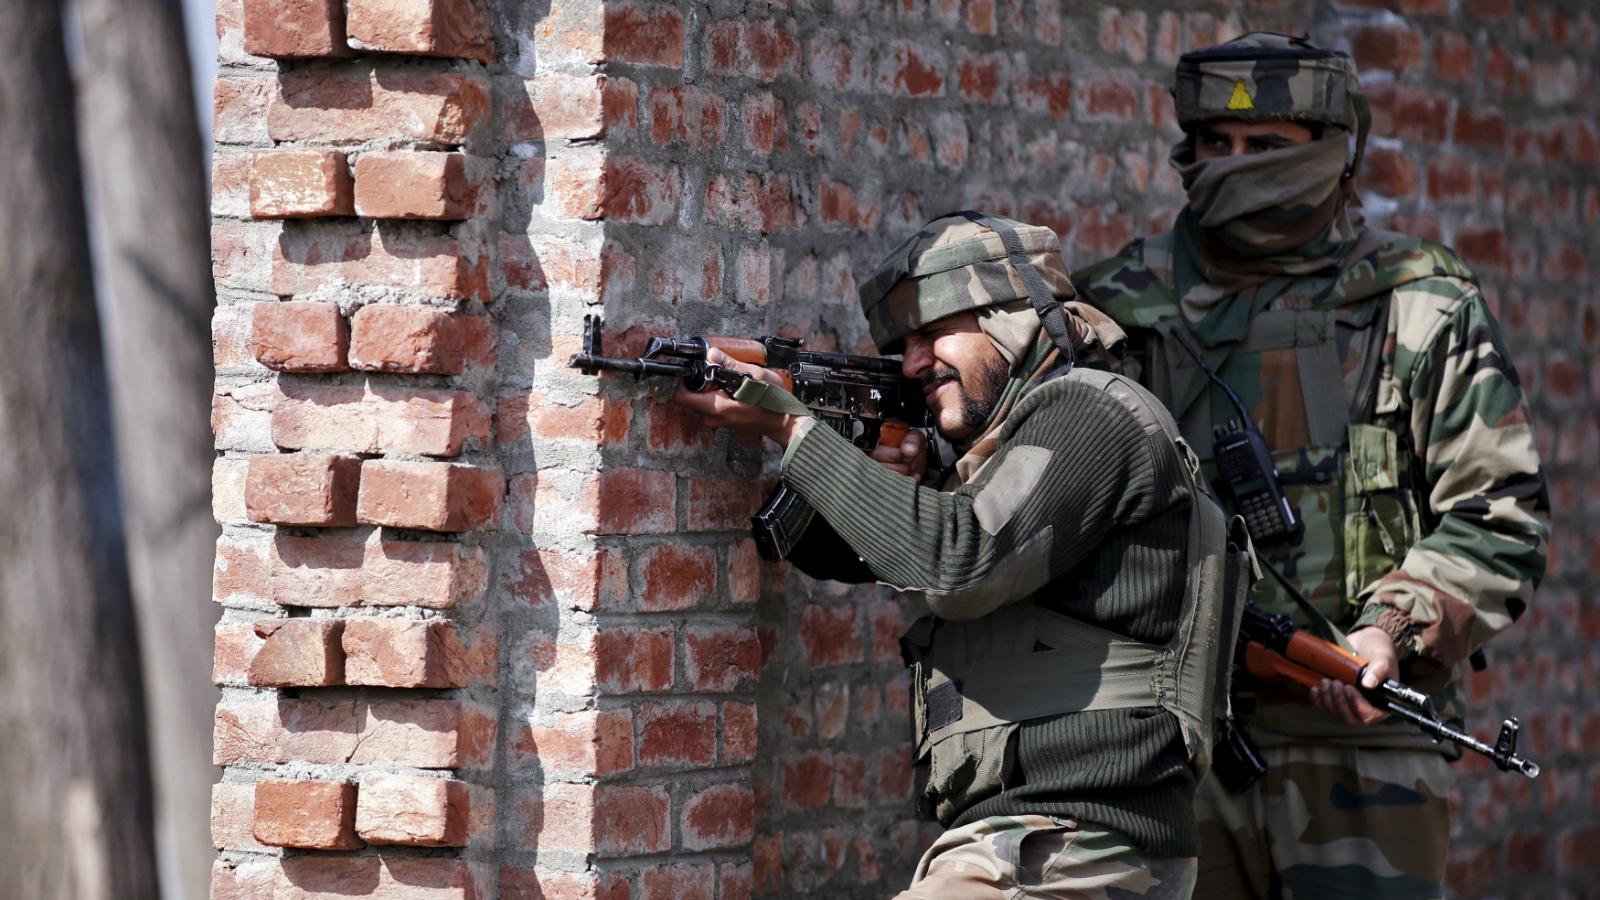 India-Pakistan-Militant attack-Baramulla- Uri attacks-Security-Army